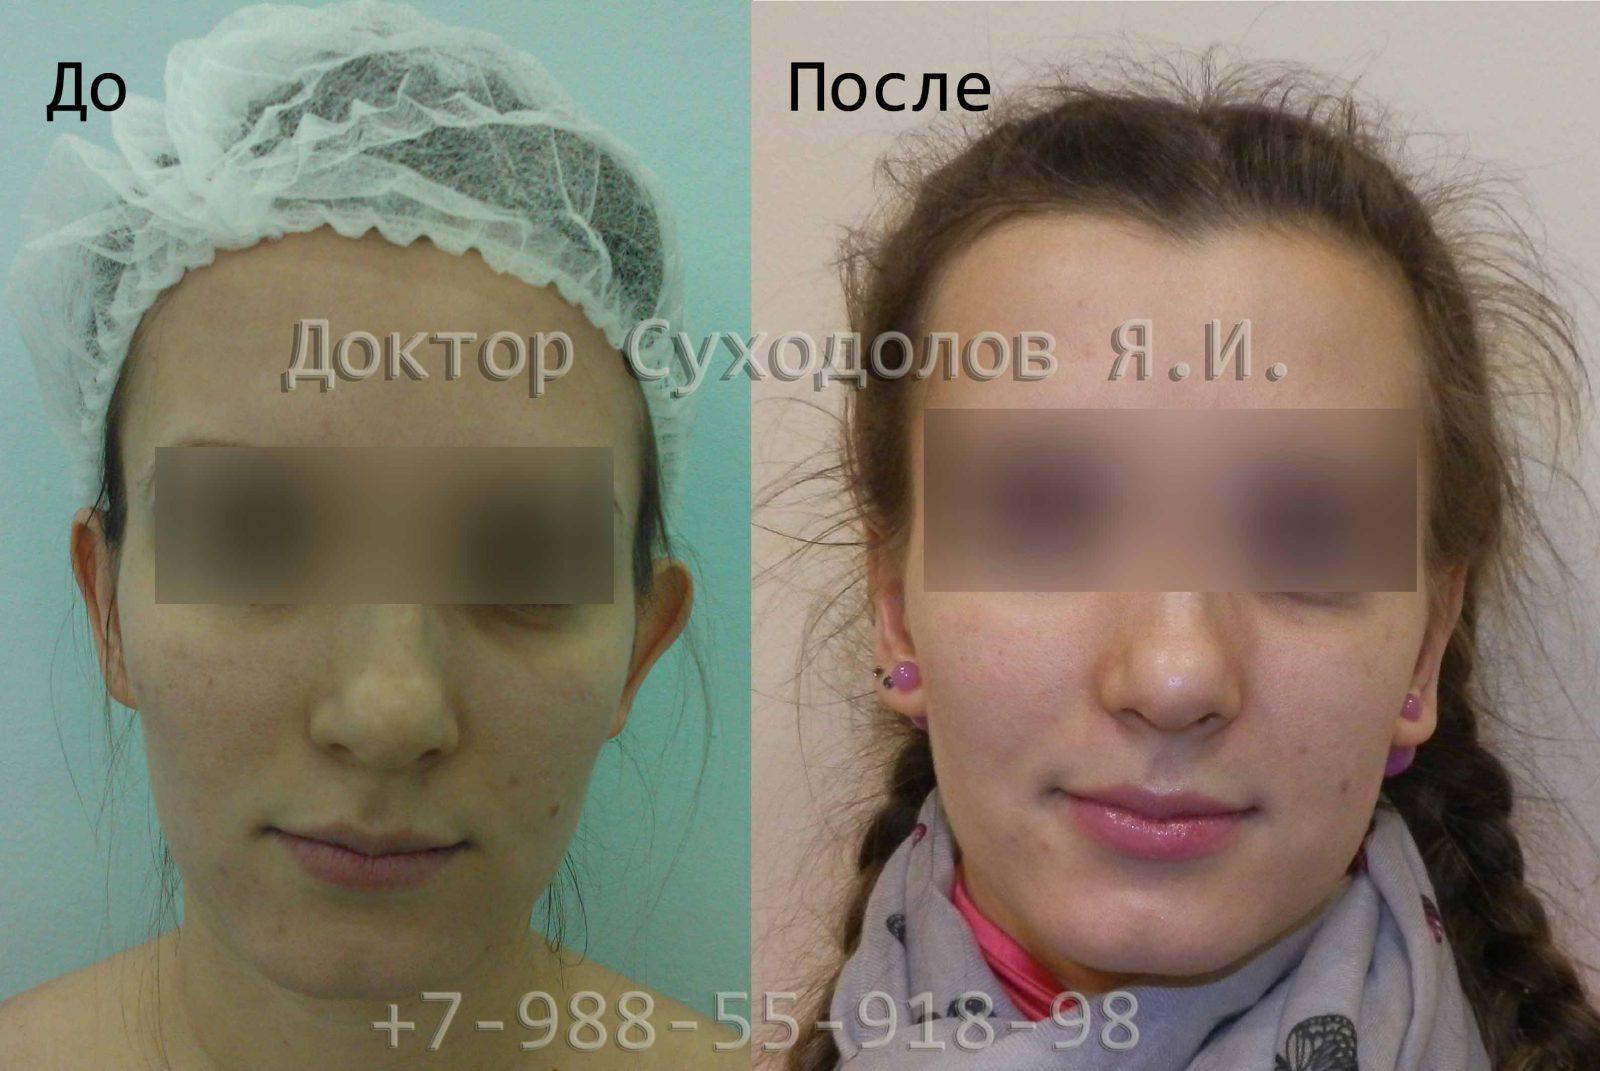 Отопластика1 Суходолов Ярослав Игоревич